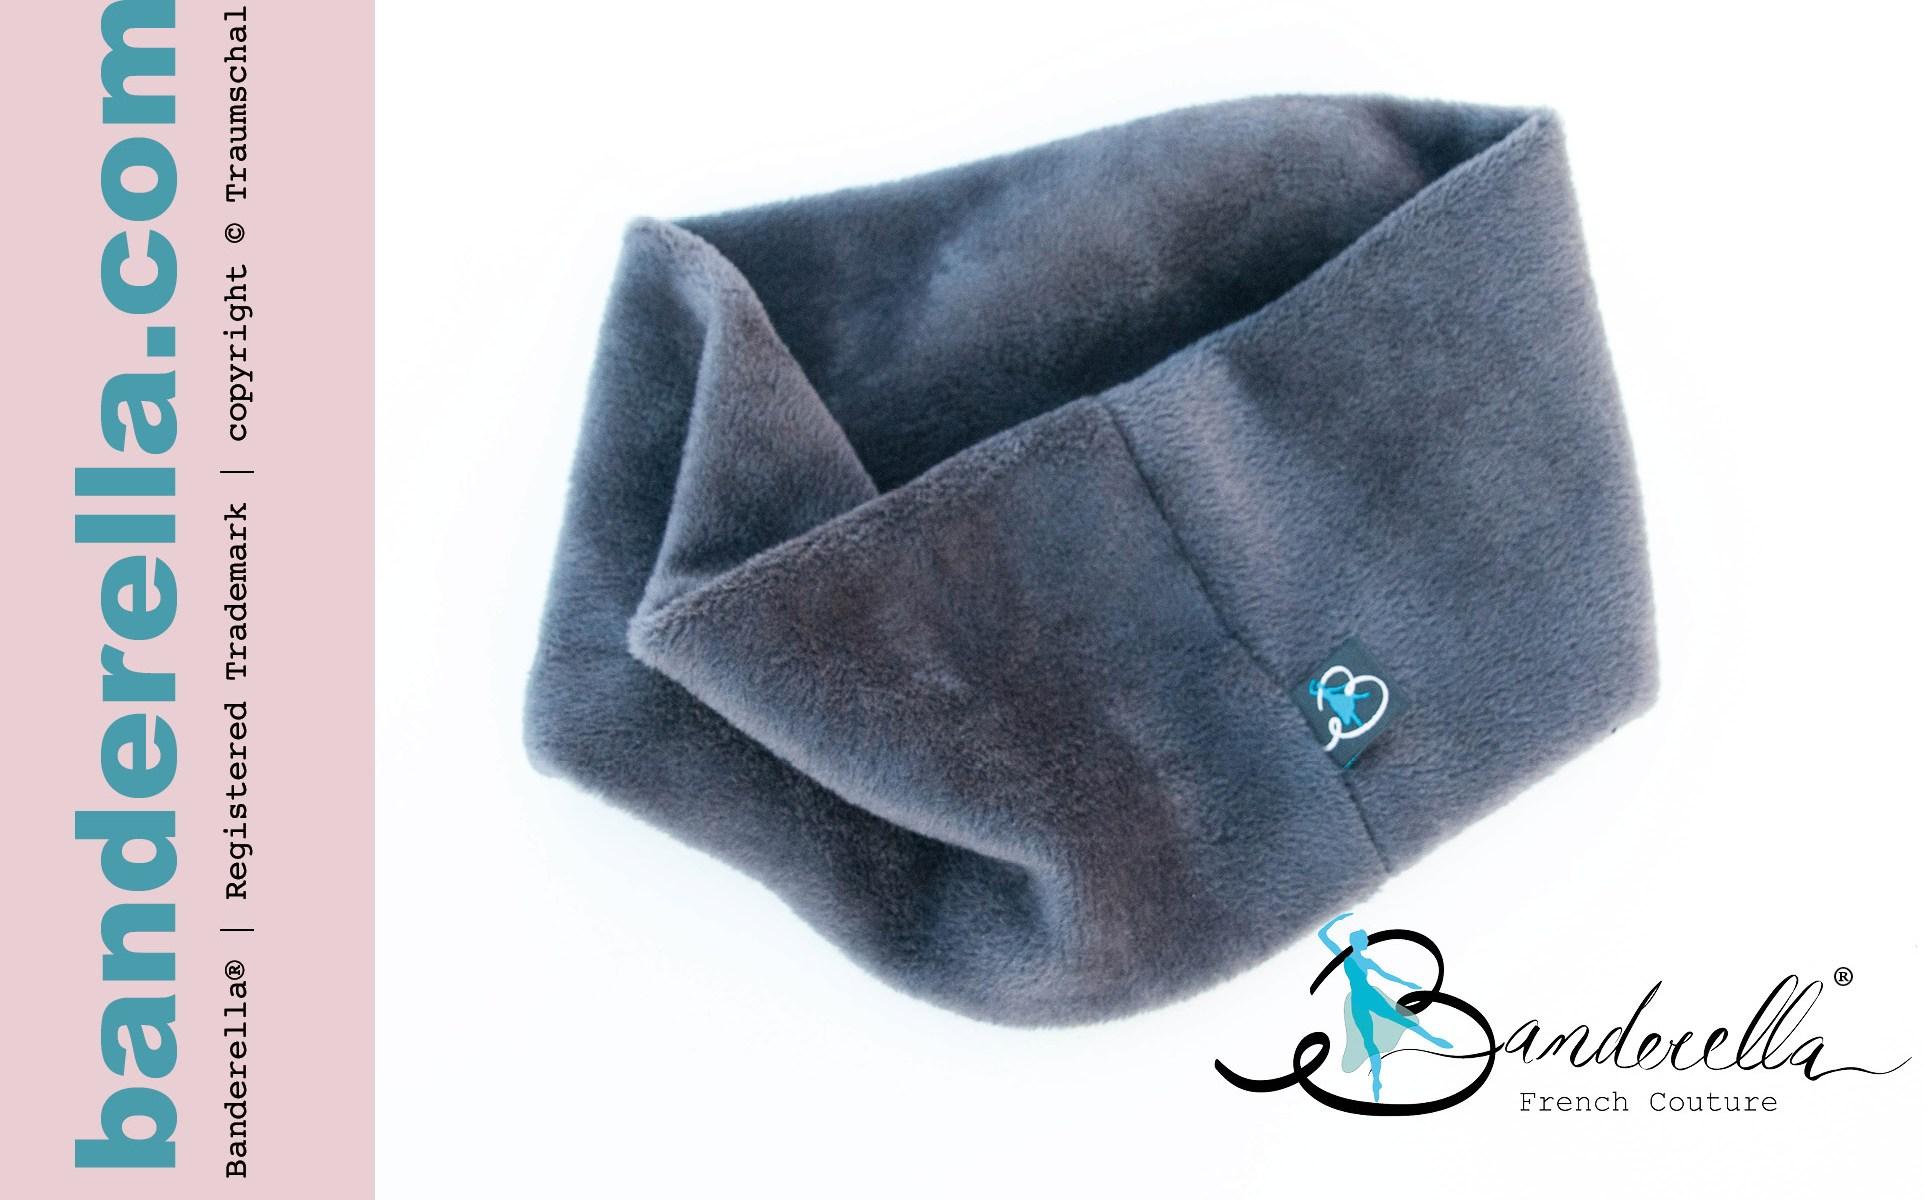 Eine wärmende Schlafmaske gegen Zugwind und Ohrenschmerzen mit guten Verdunklungseigenschaften